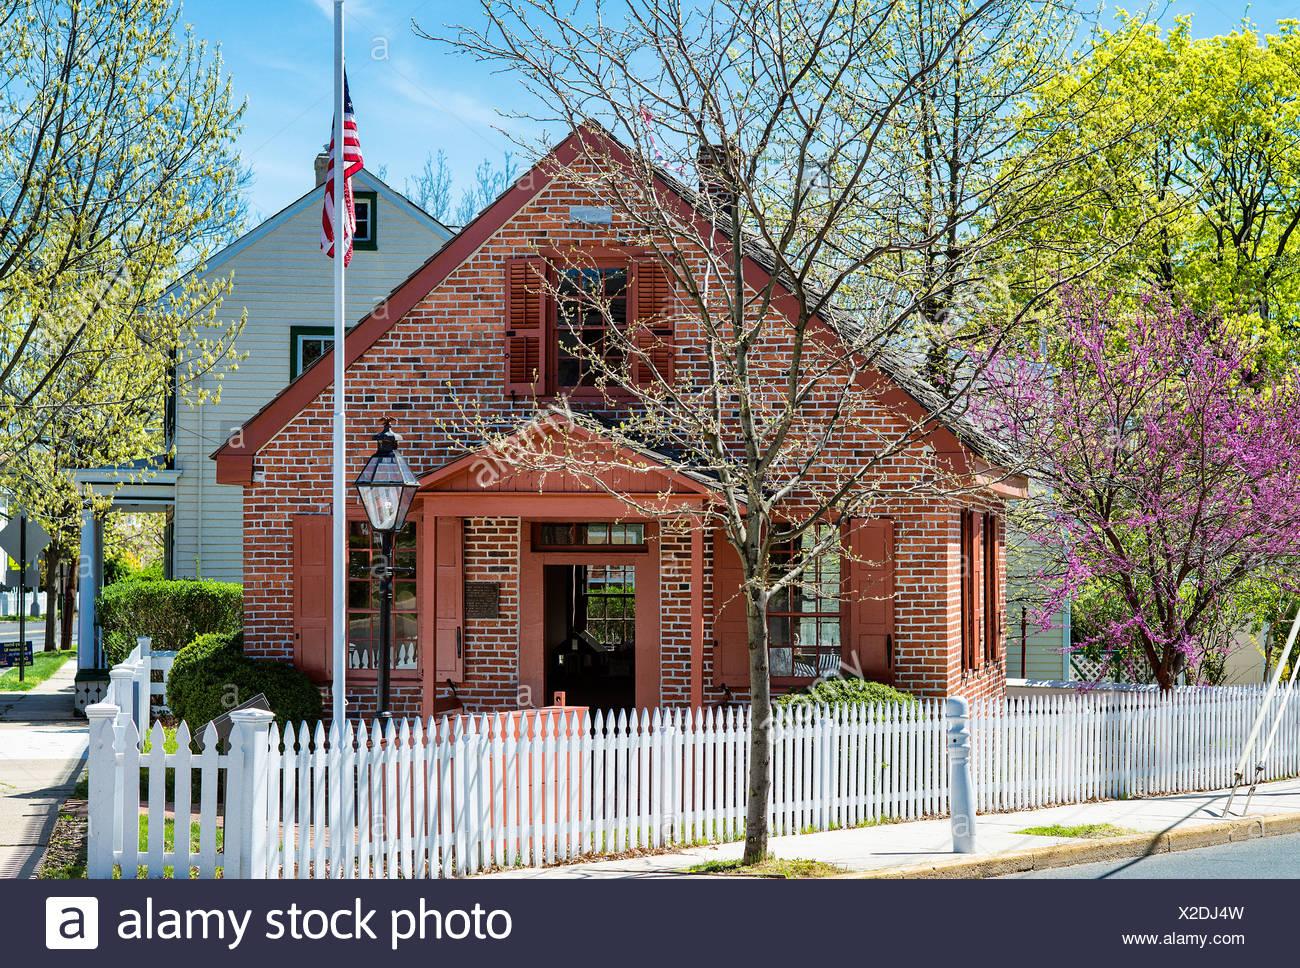 Clara Barton Escuela, Bordentown, New Jersey, EE.UU., fundador de la Cruz Roja Americana. Imagen De Stock